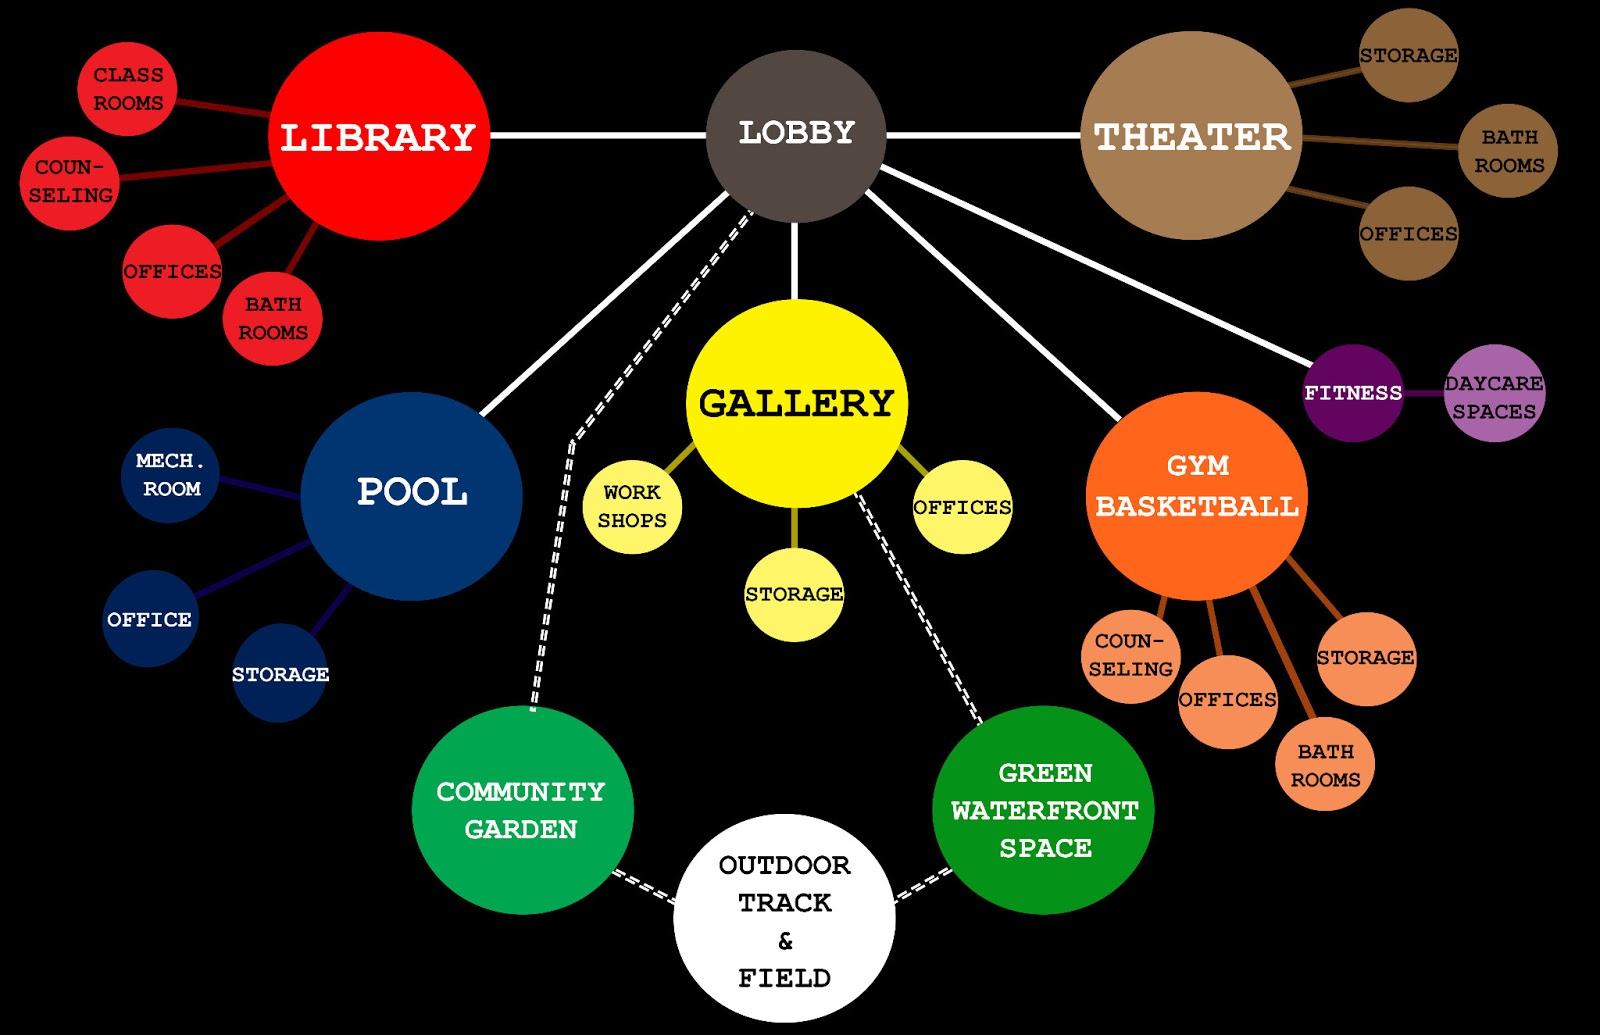 Buble Diagram | Arch3610 Sp2013 H Velazquez Matrix Bubble Diagram